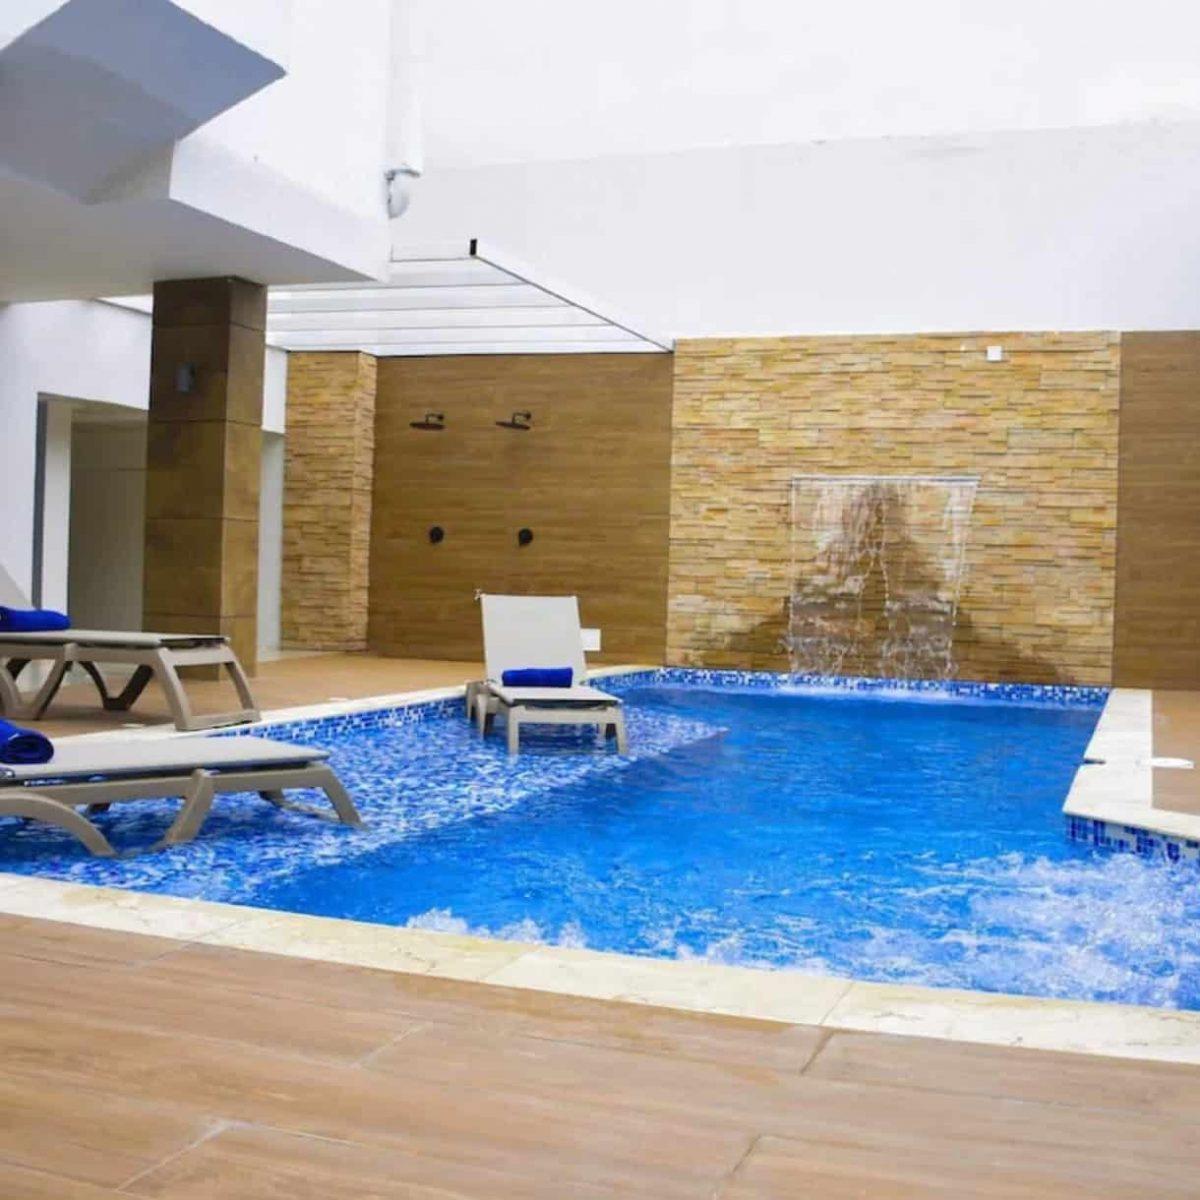 Oferta Cartagena: Hotel Barlovento Cartagena Desde $191.692 COP